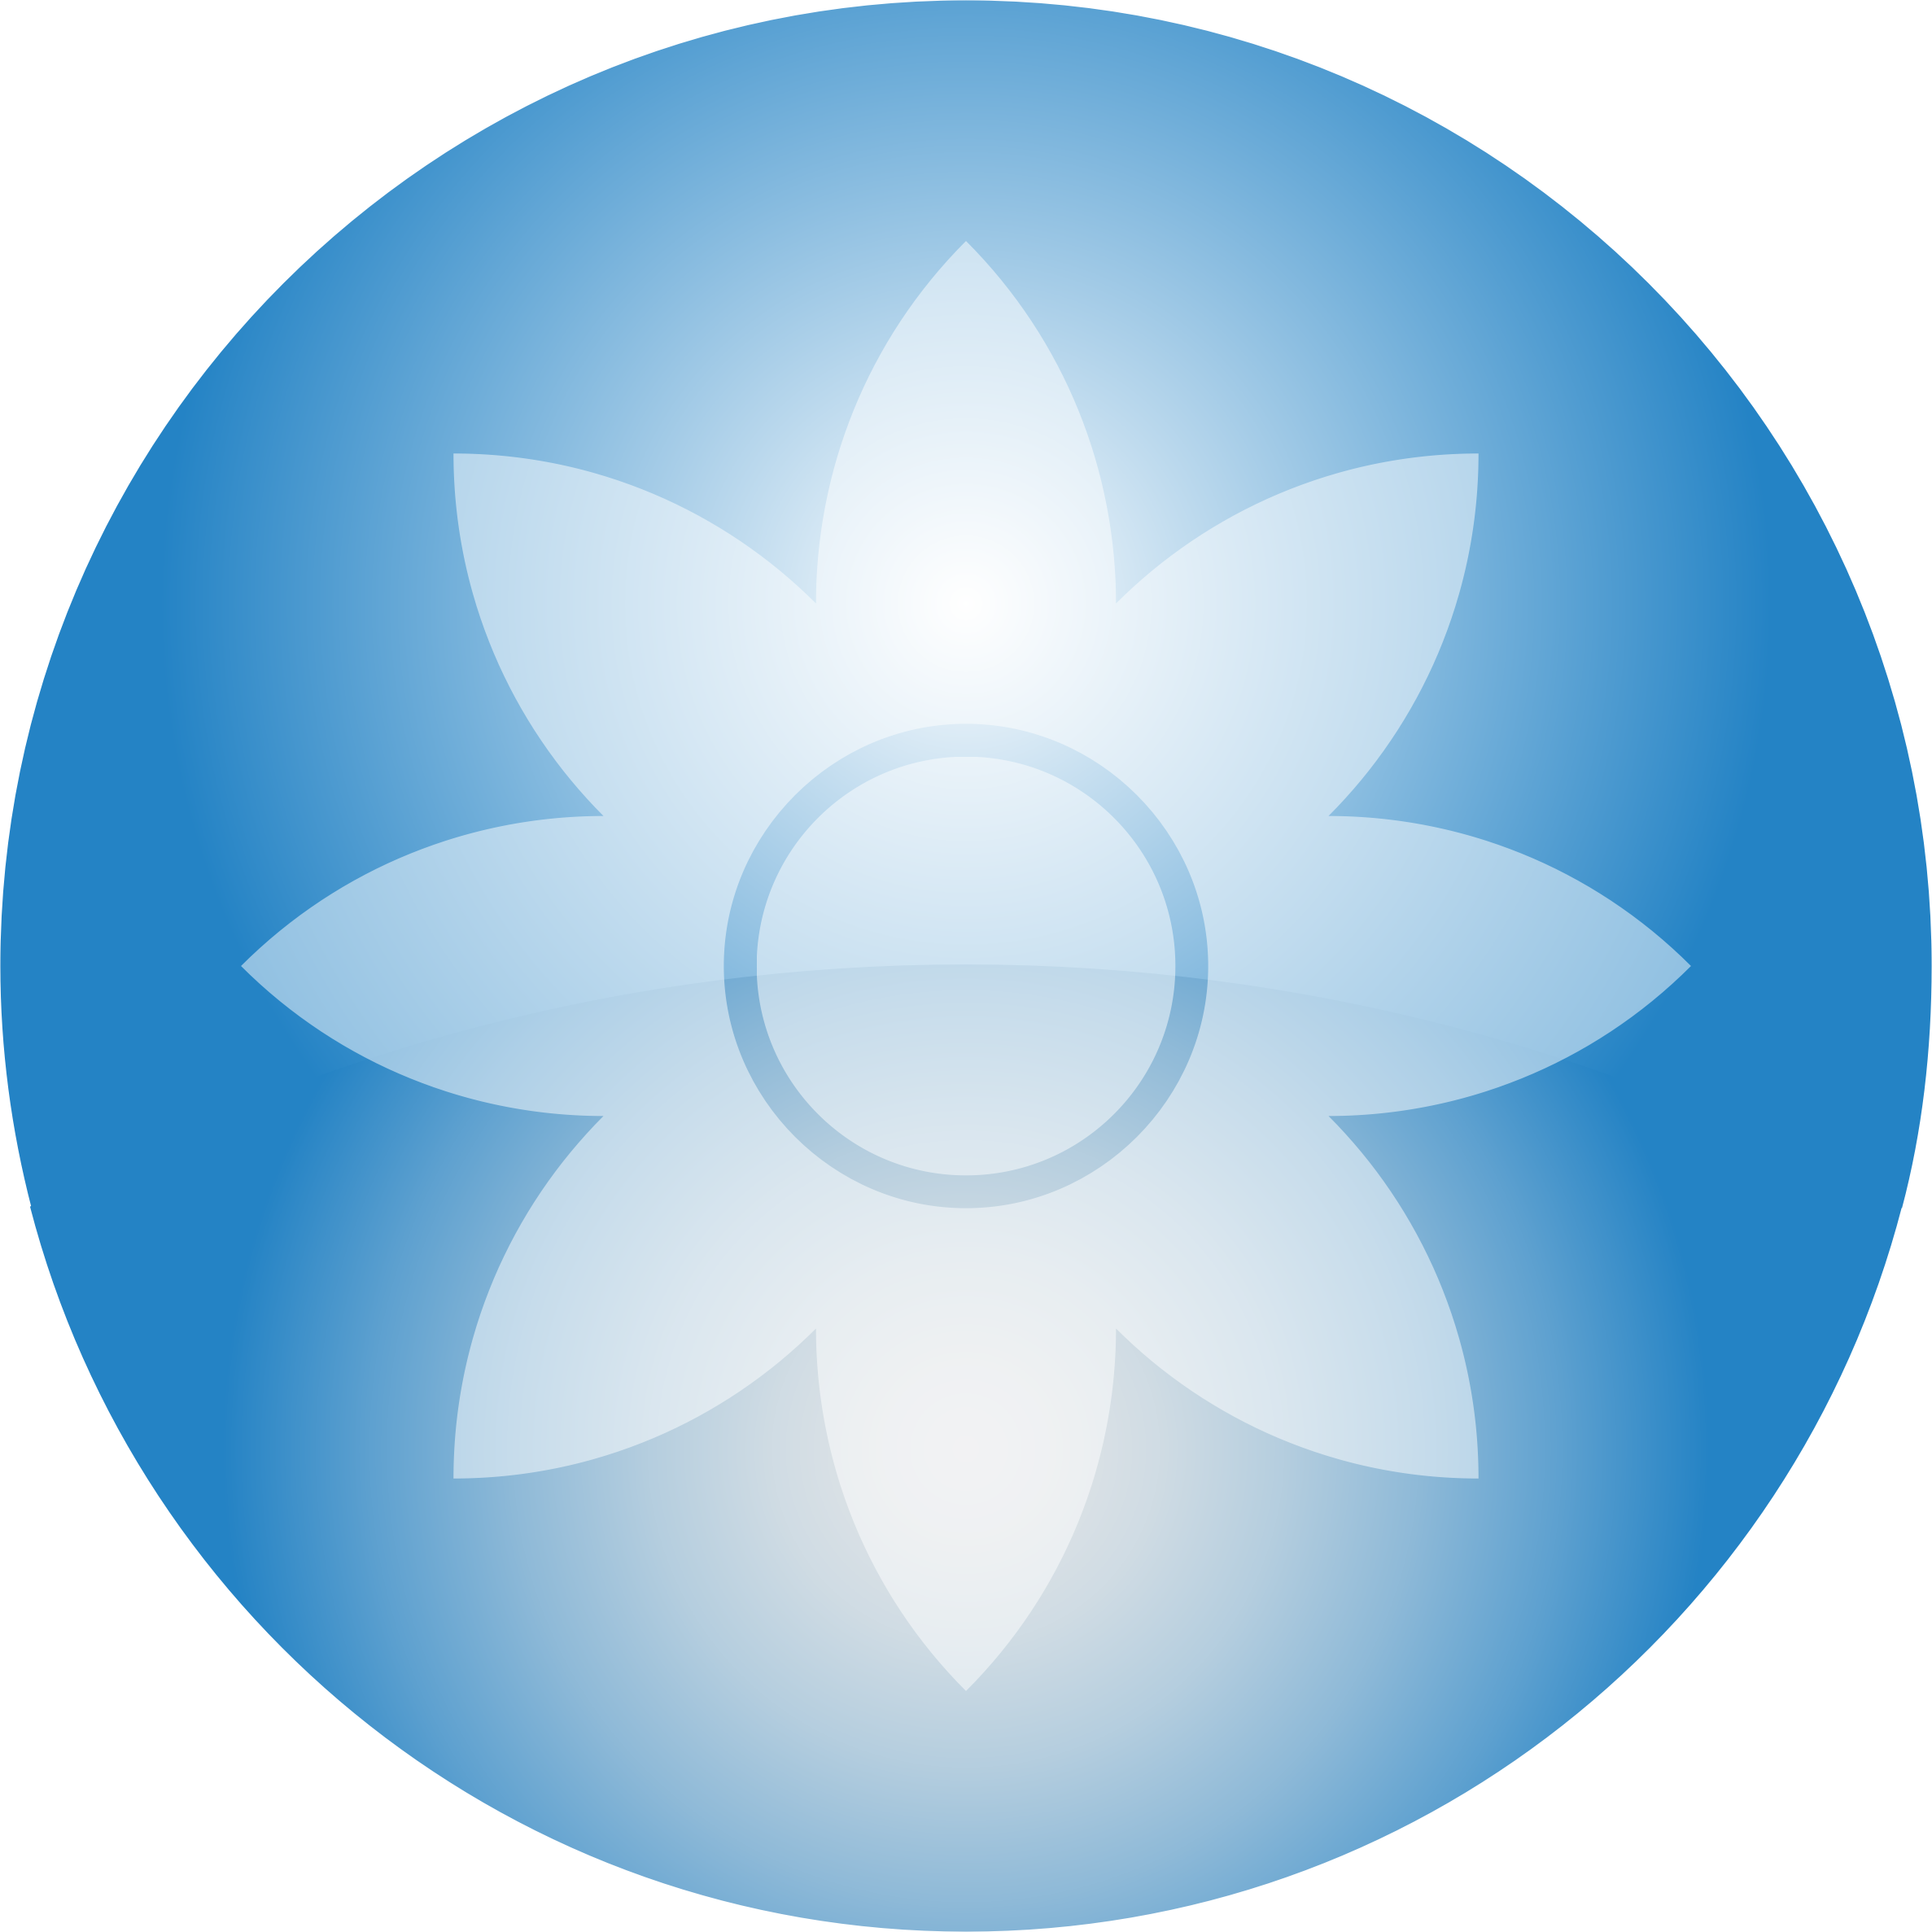 clipart sky blue flower orb rh openclipart org clip art of skeleton key clip art of skier